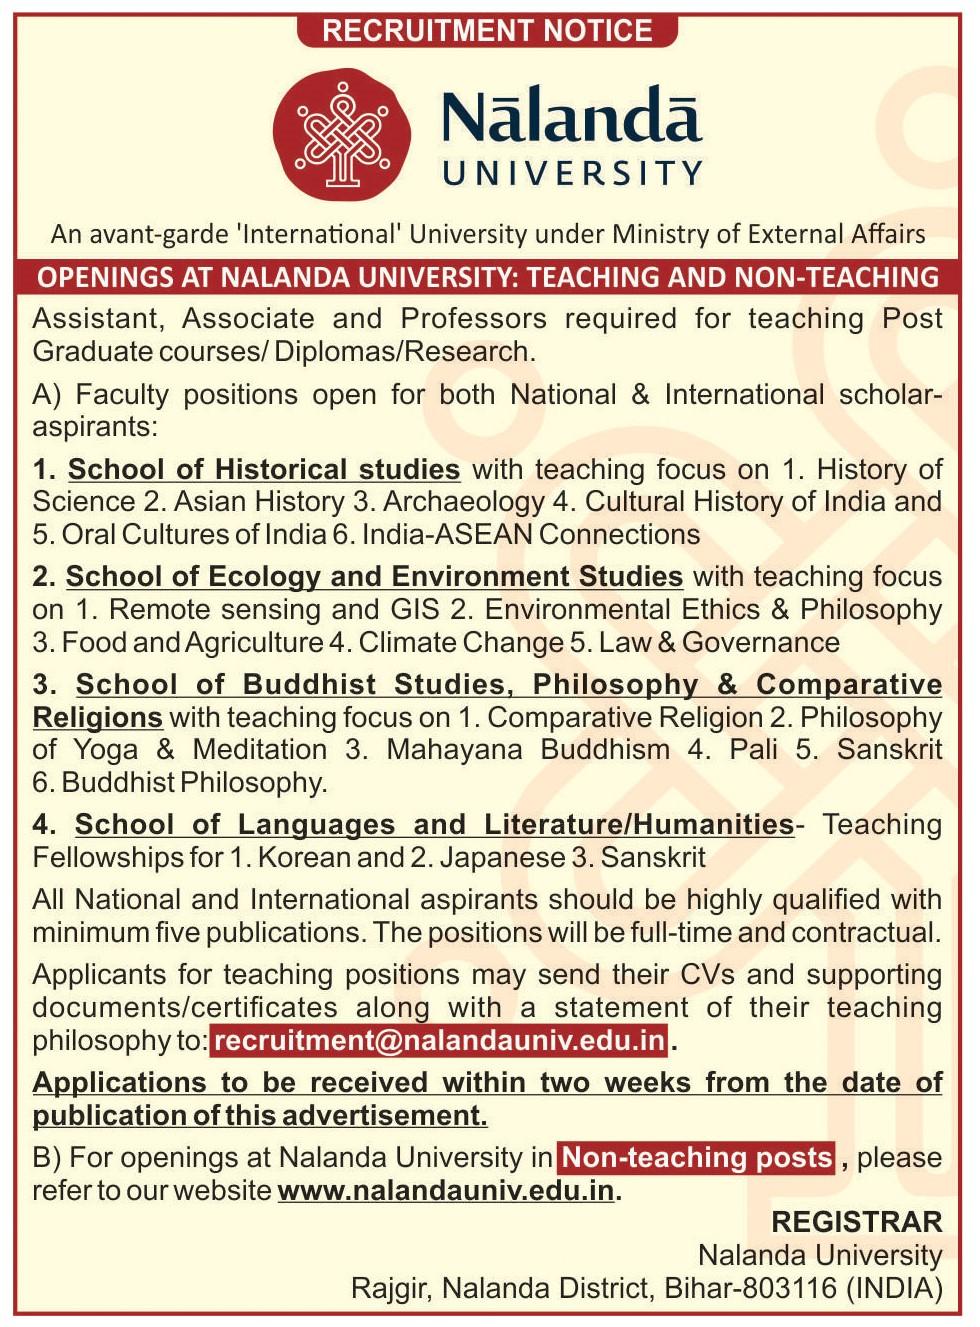 Jobs and Internships at Nalanda University